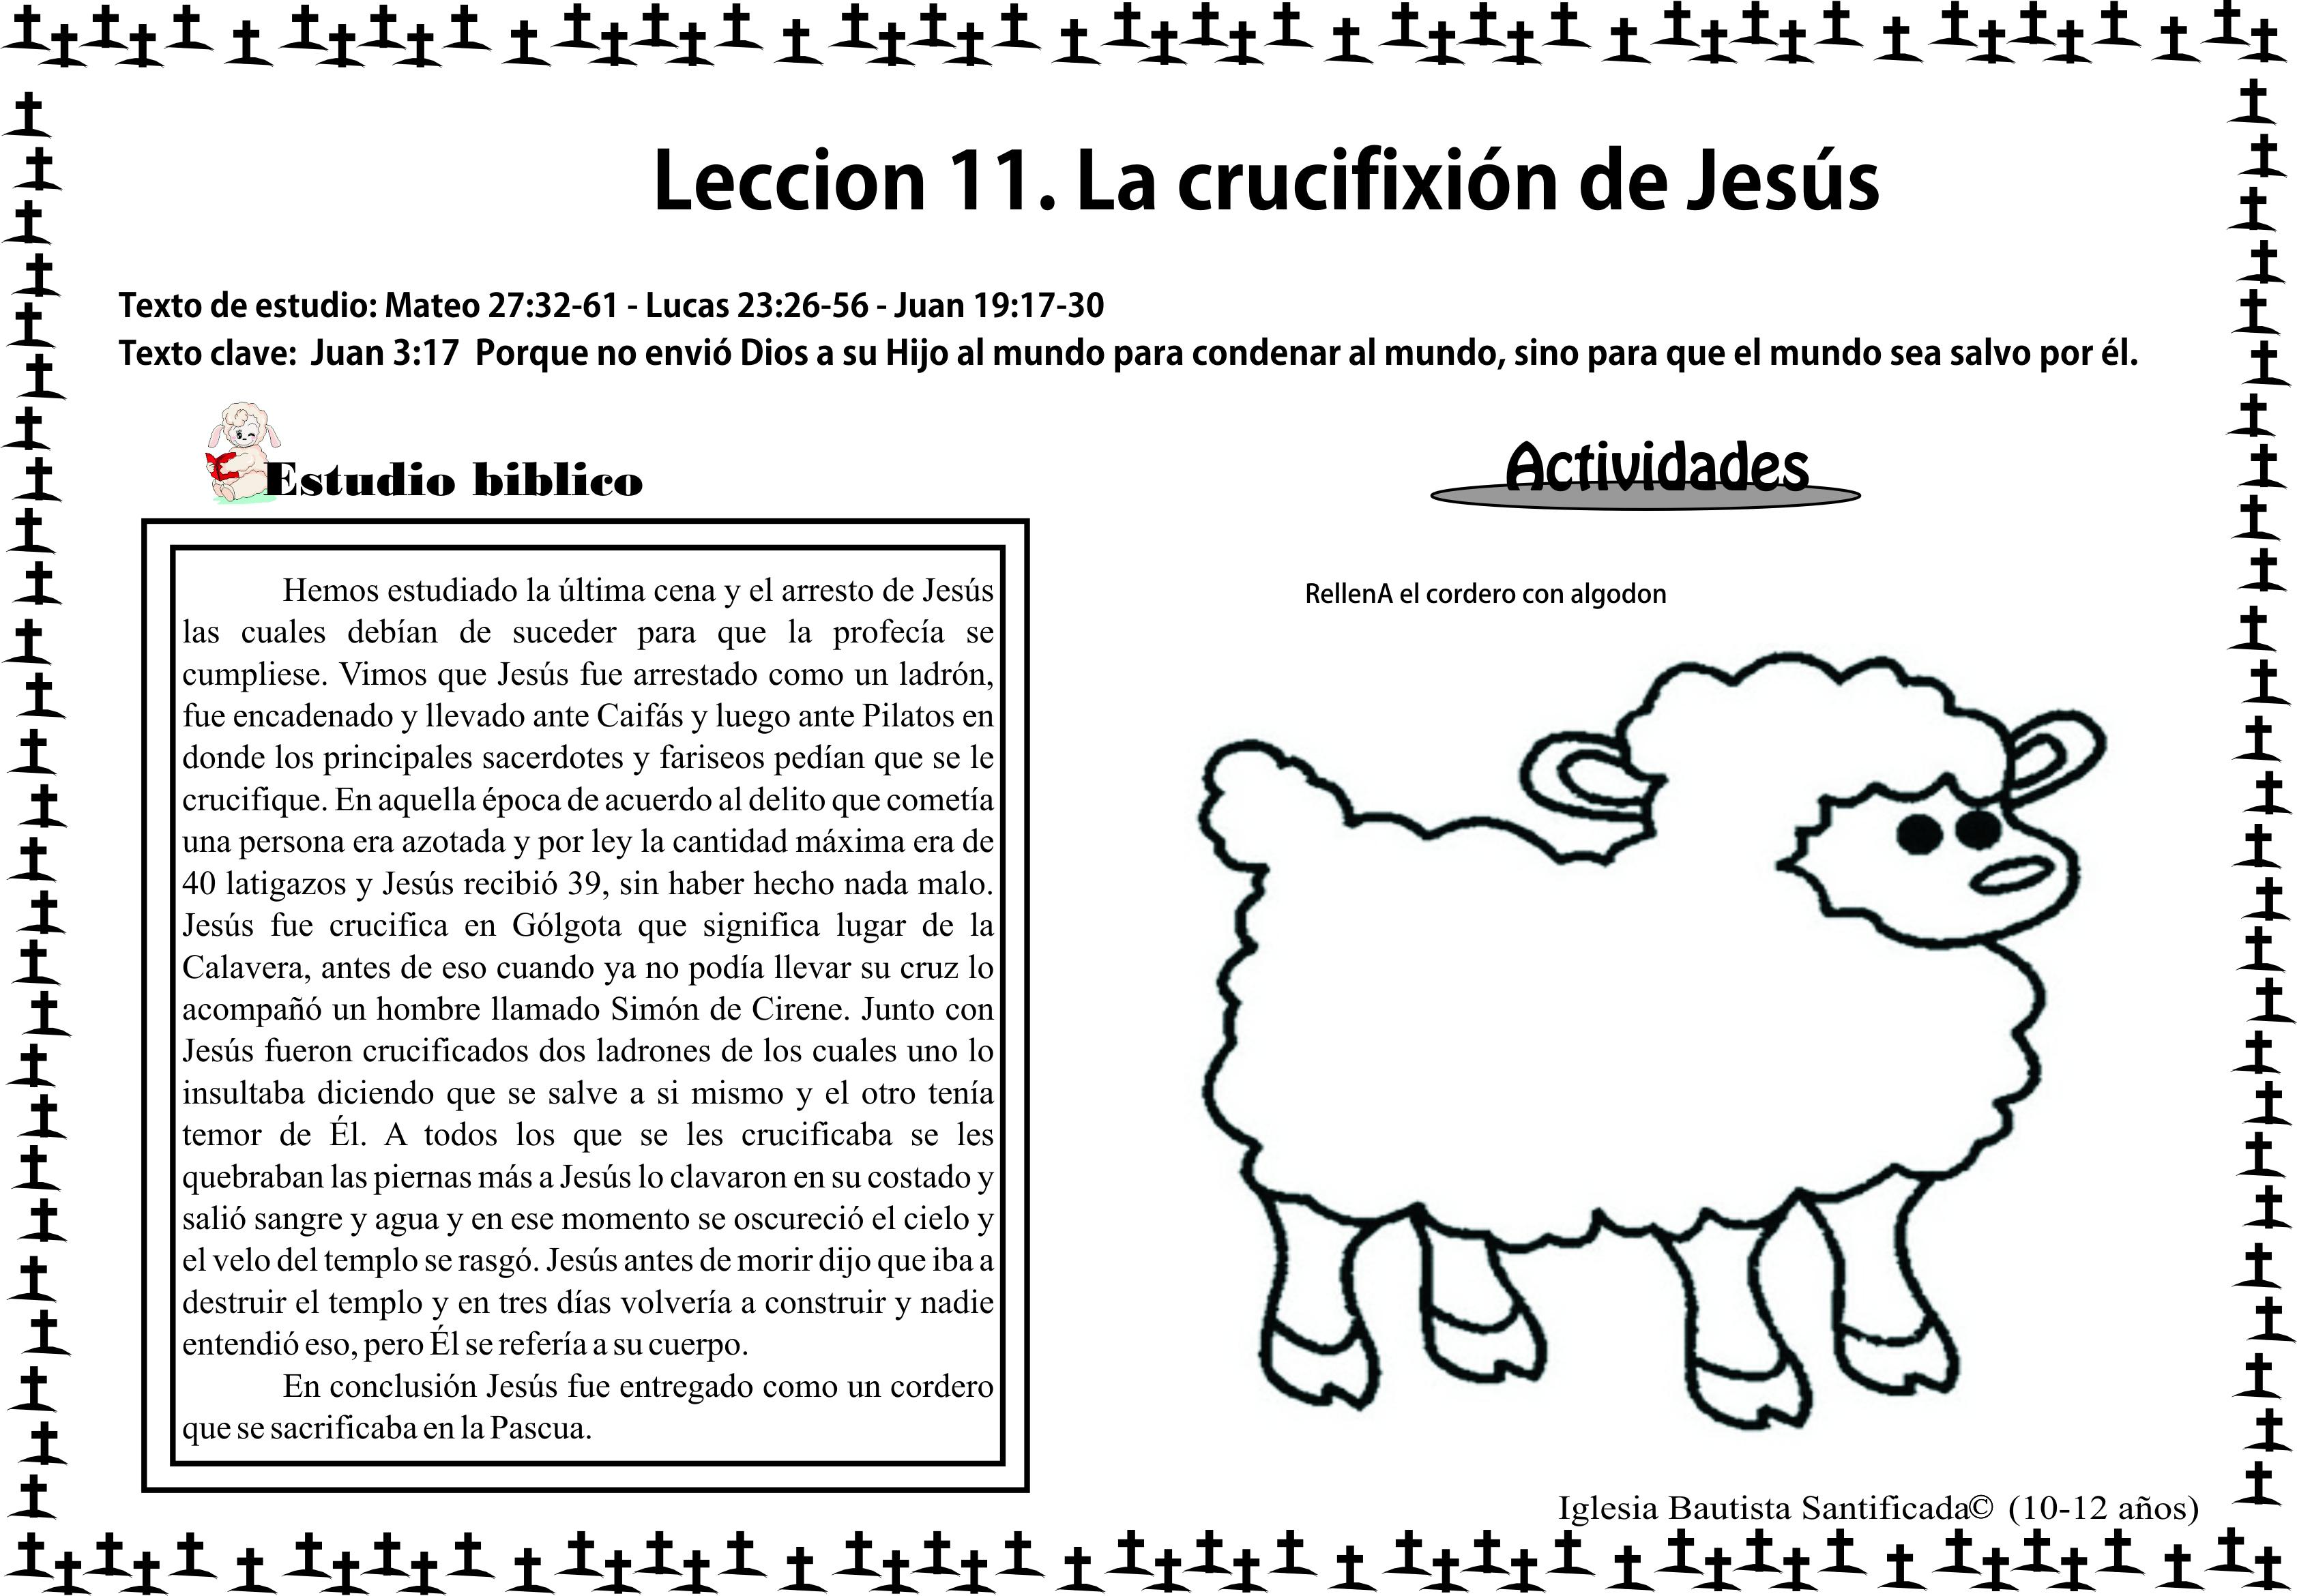 Lección 11. La crucifixión de Jesús | Iglesia de Niños